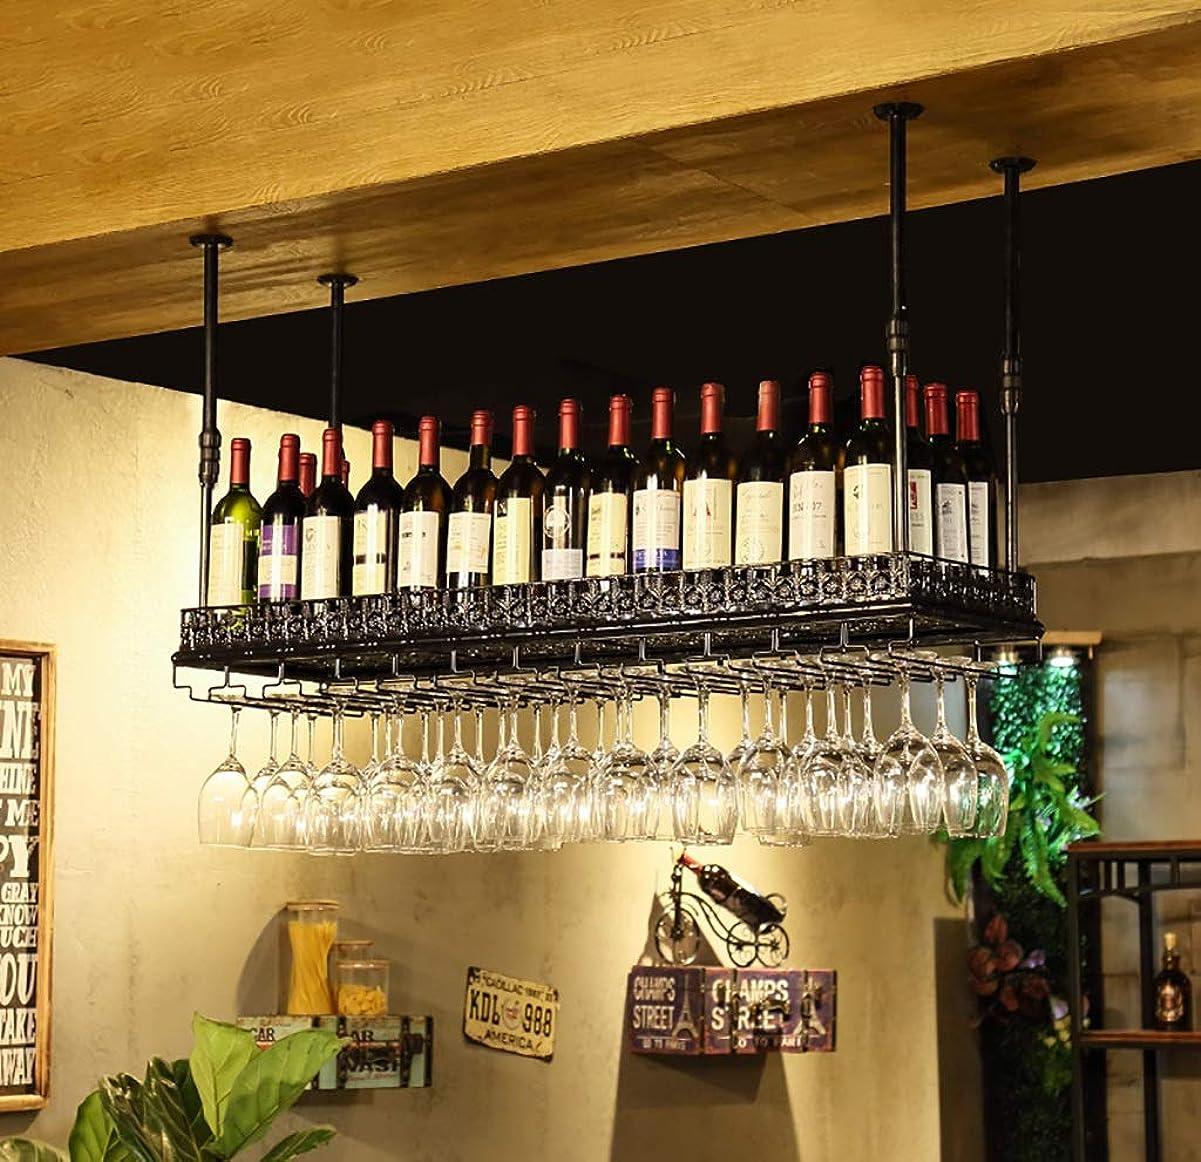 入る十分割ワインラック ヴィンテージウォールワインラック金属鉄シェルフバー天井壁掛けワインシャンパングラスワイングラスゴブレットラックワインボトルラック (色 : B, サイズ さいず : 100x35cm)